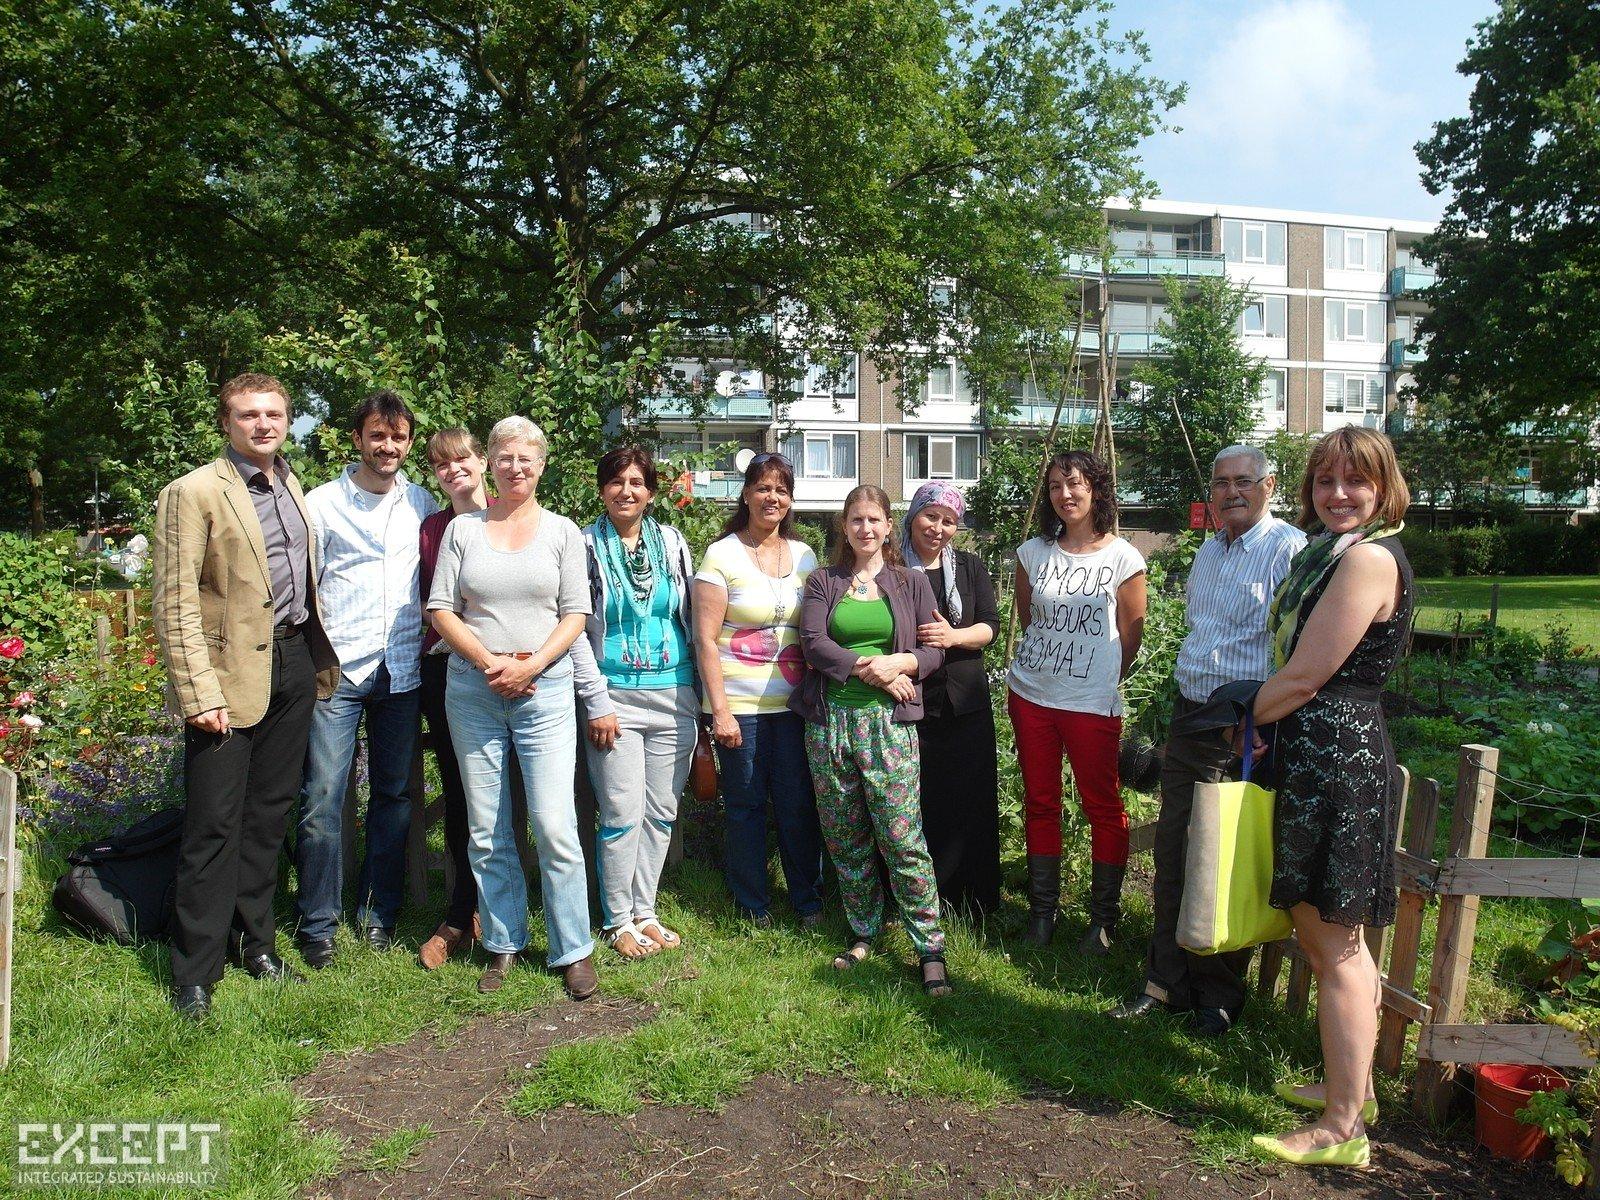 The urban gardens in Schiebroek-Zuid - Some of the people that made the Schiebroek-Zuid urban gardens possible